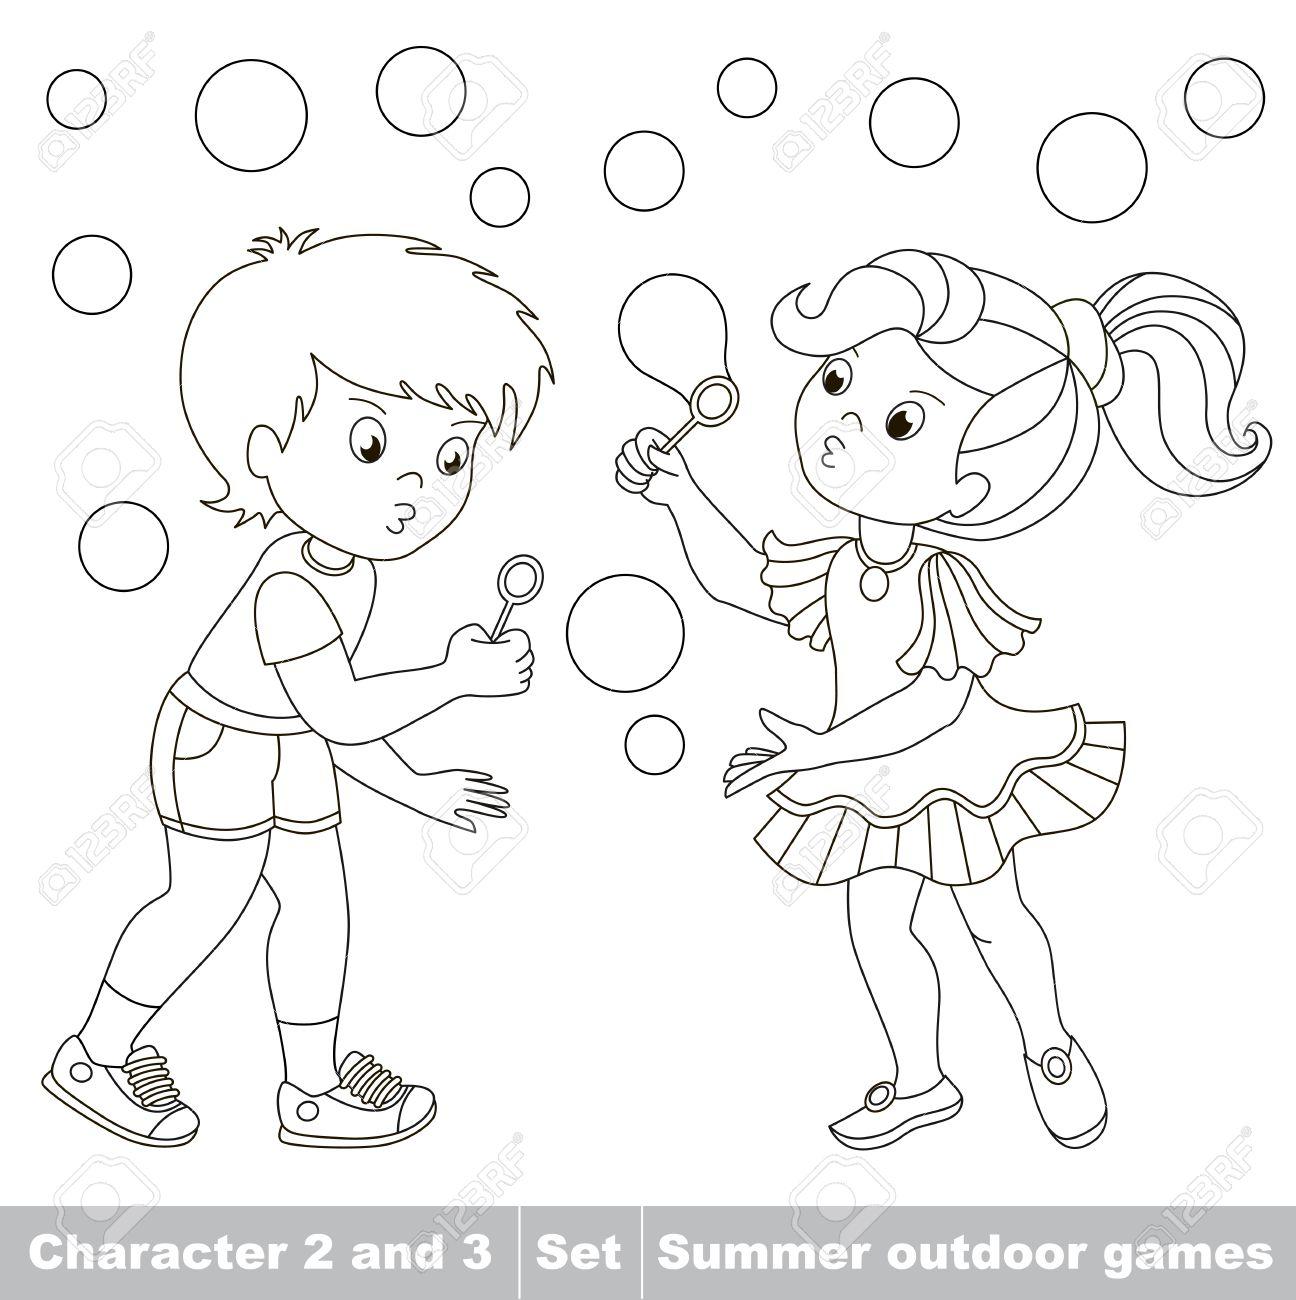 Página A Ser Color Pequeño Niño Y Amiga Jugando En Las Pompas De Jabón Jardín Inflar Burbujas Volar Los Dos Niños Se Divierten Personaje De